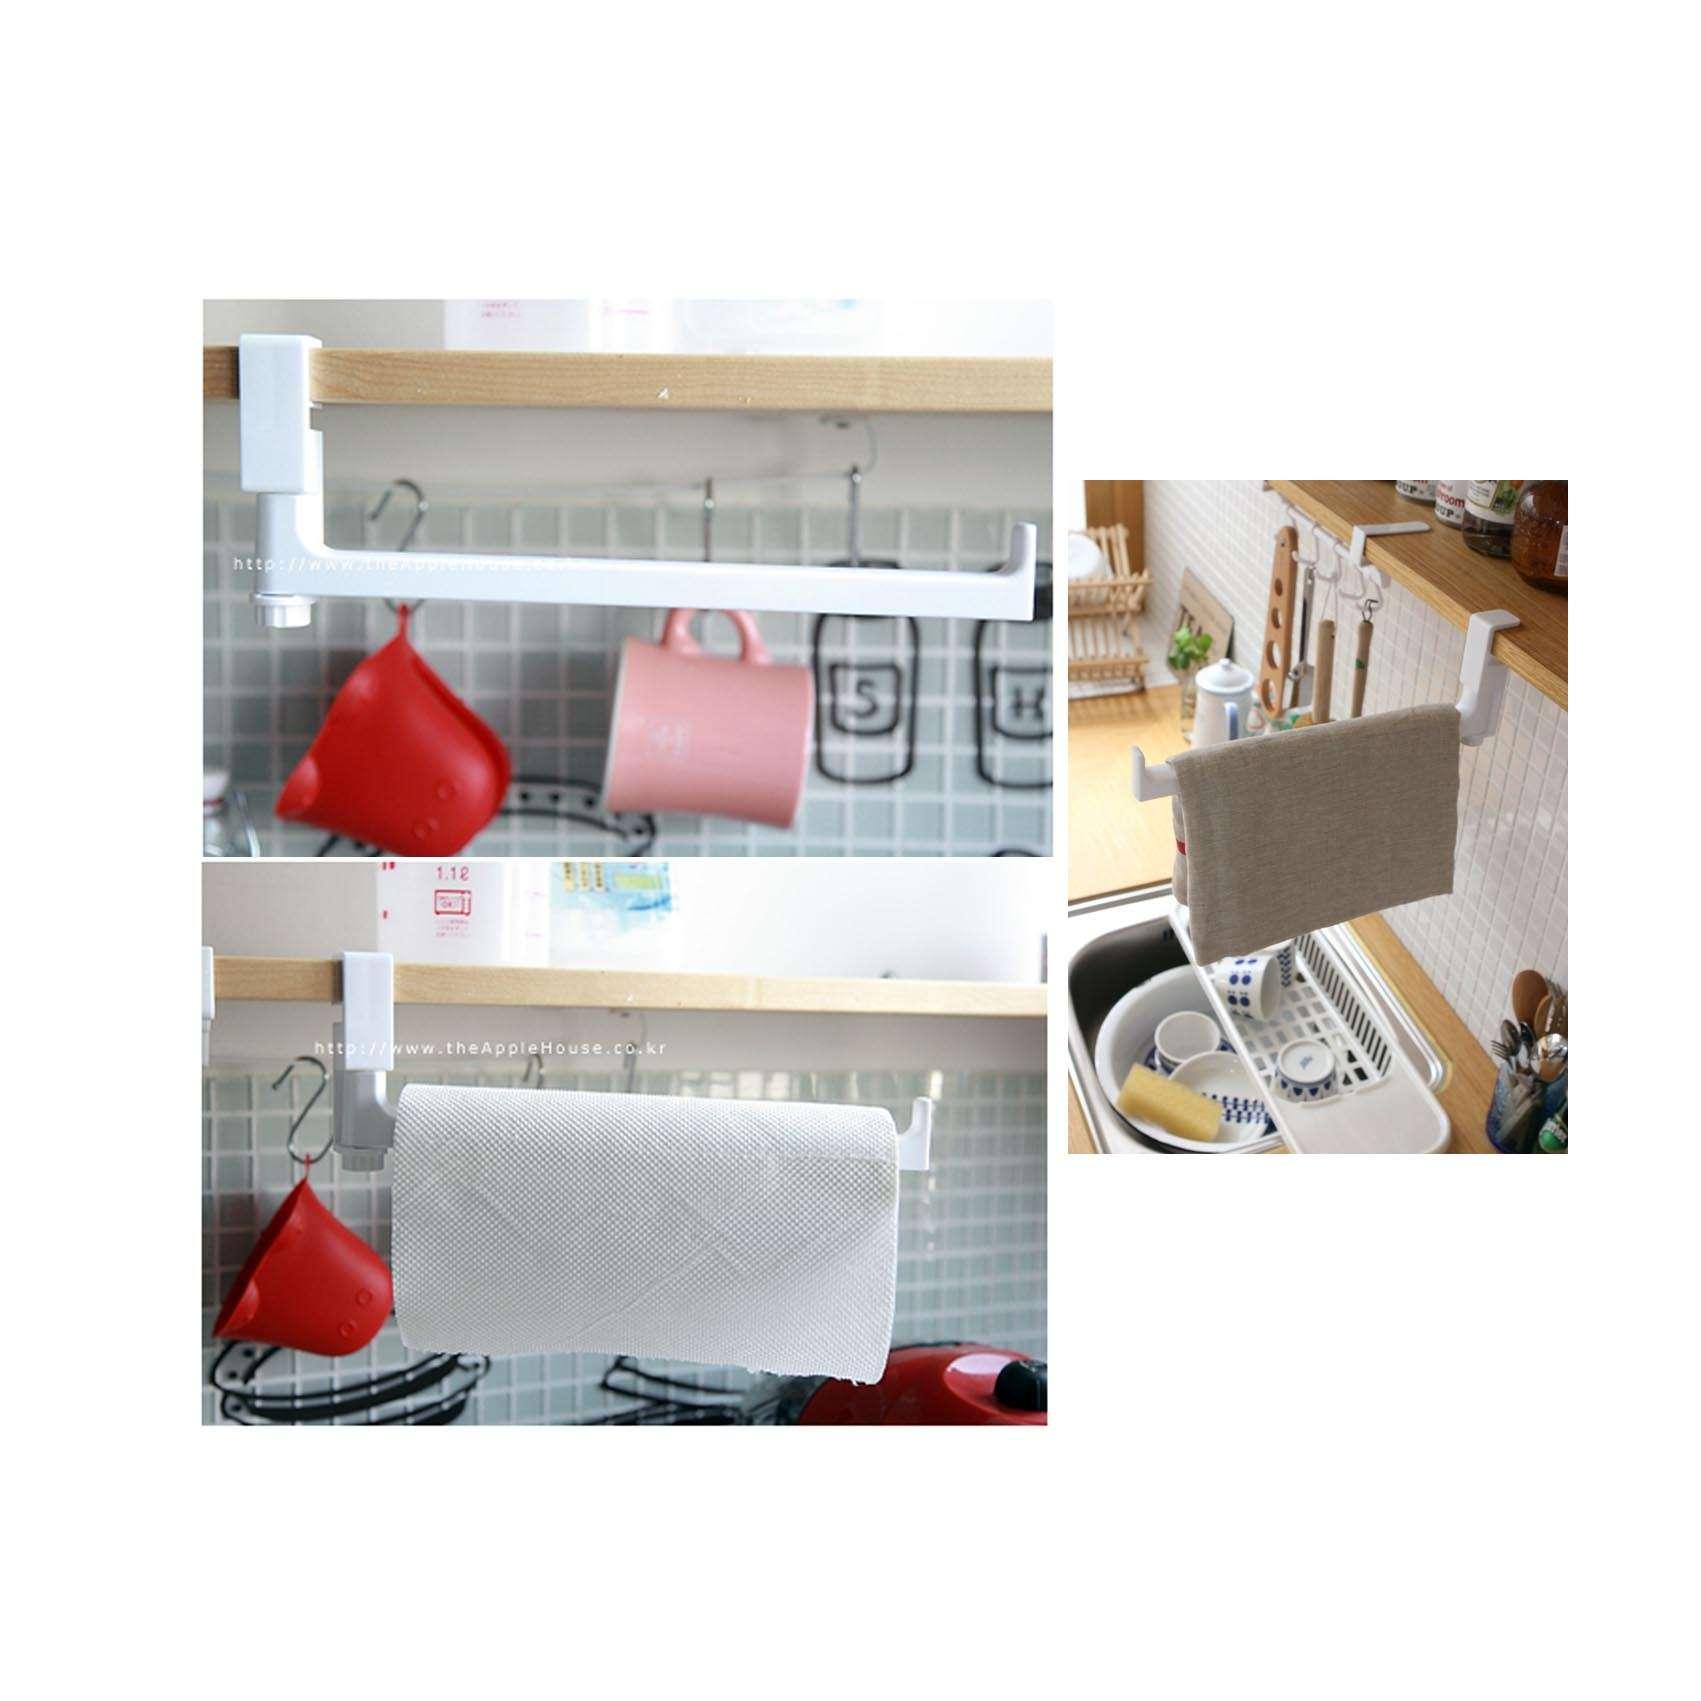 Kitchen Cabinet Towel Holder: New Sink Cabinet Kitchen Towel Moving Arm Holder Paper